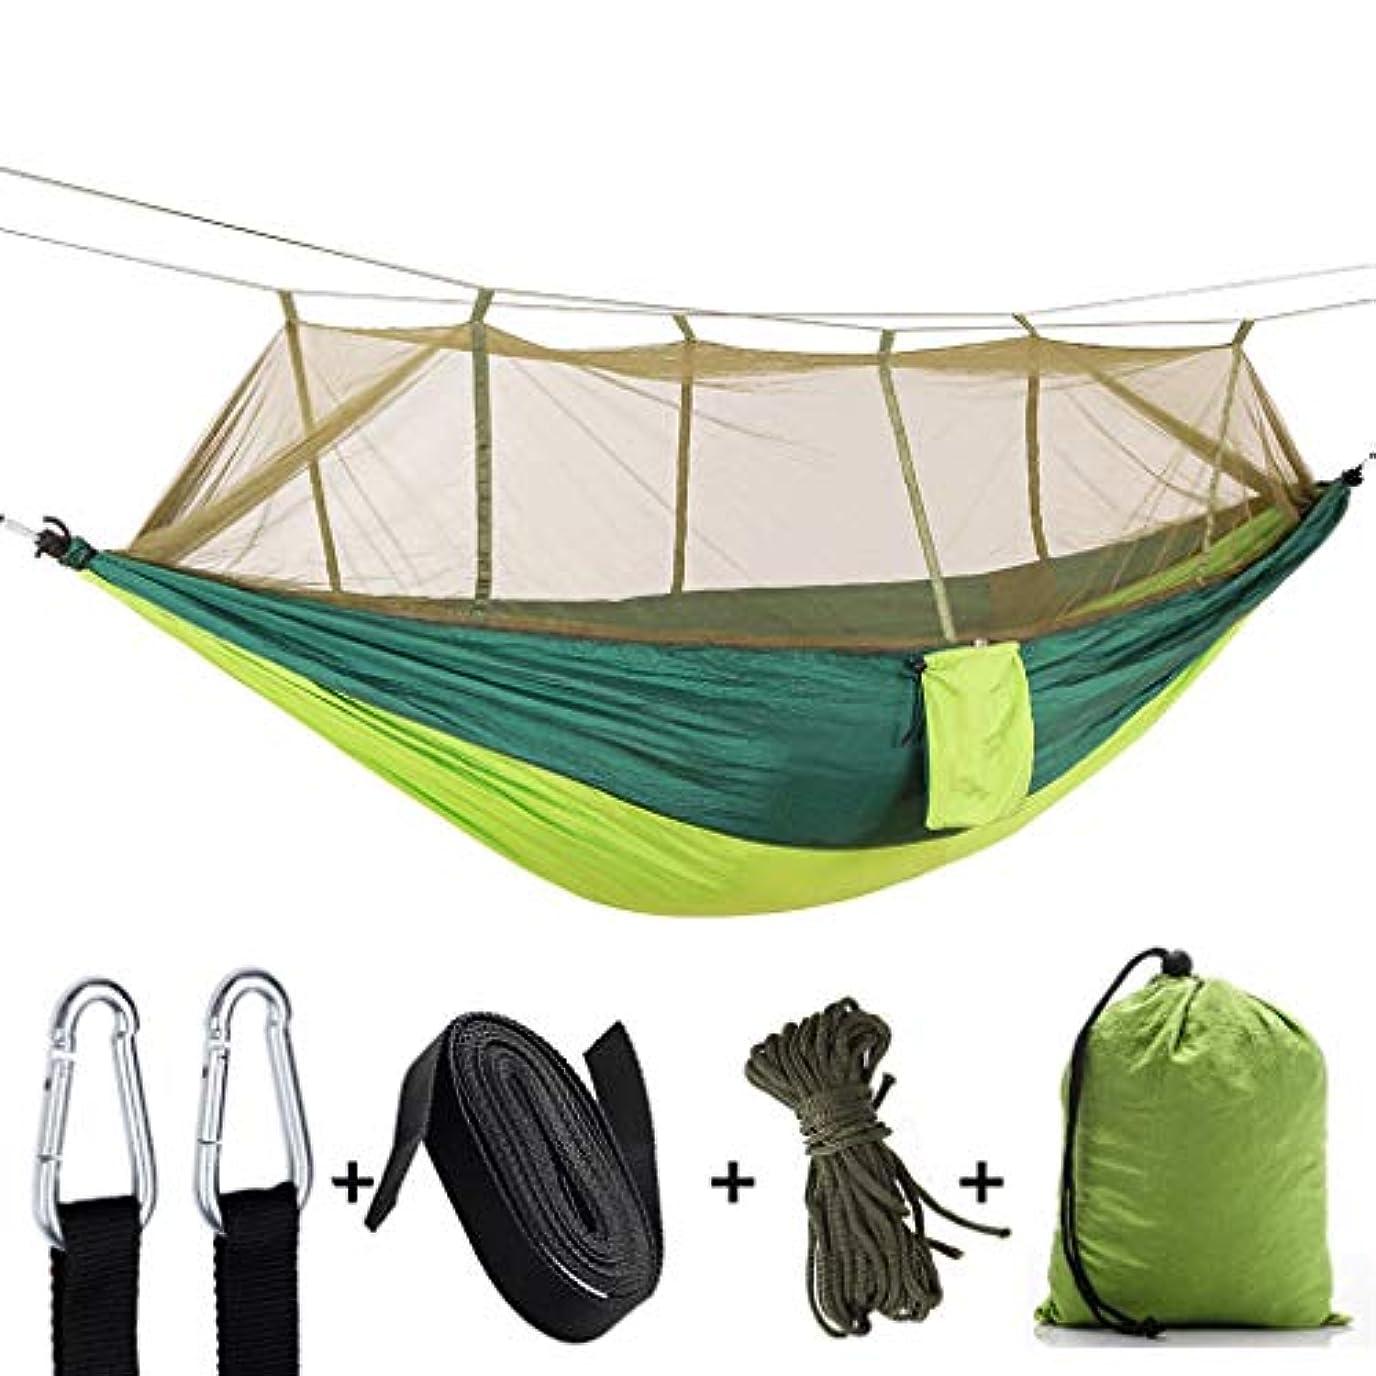 もっとチョコレート部分的に蚊帳付きハンモックネット2人用キャンプ、超軽量の防風、防蚊、スウィングスリーピングハンモックベッド(屋外用)、ハイキング、バックパッキング、旅行用ネット